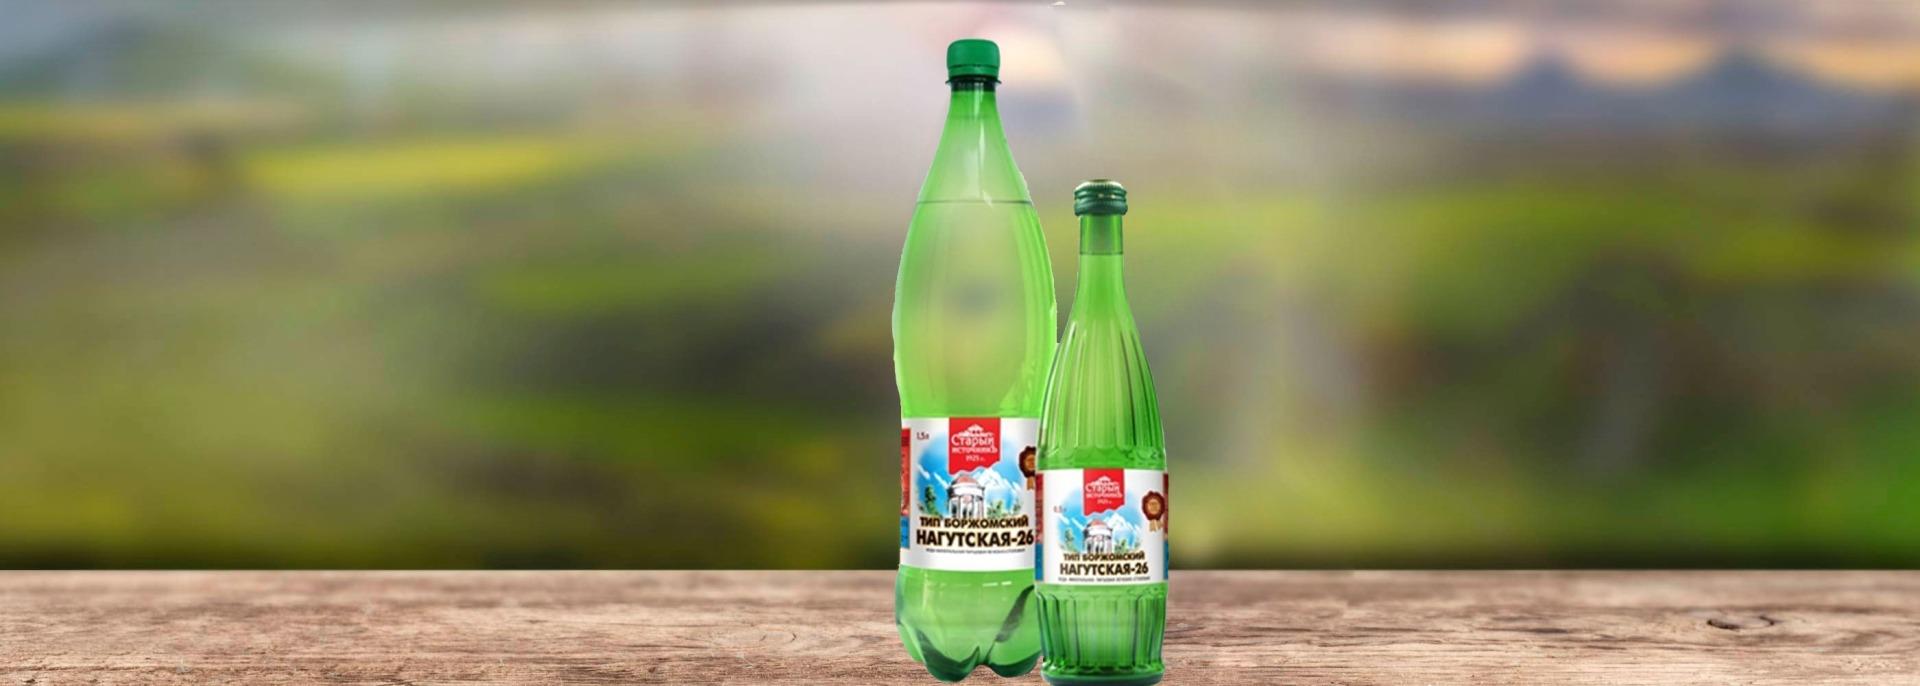 Минеральная вода Нагутская-26